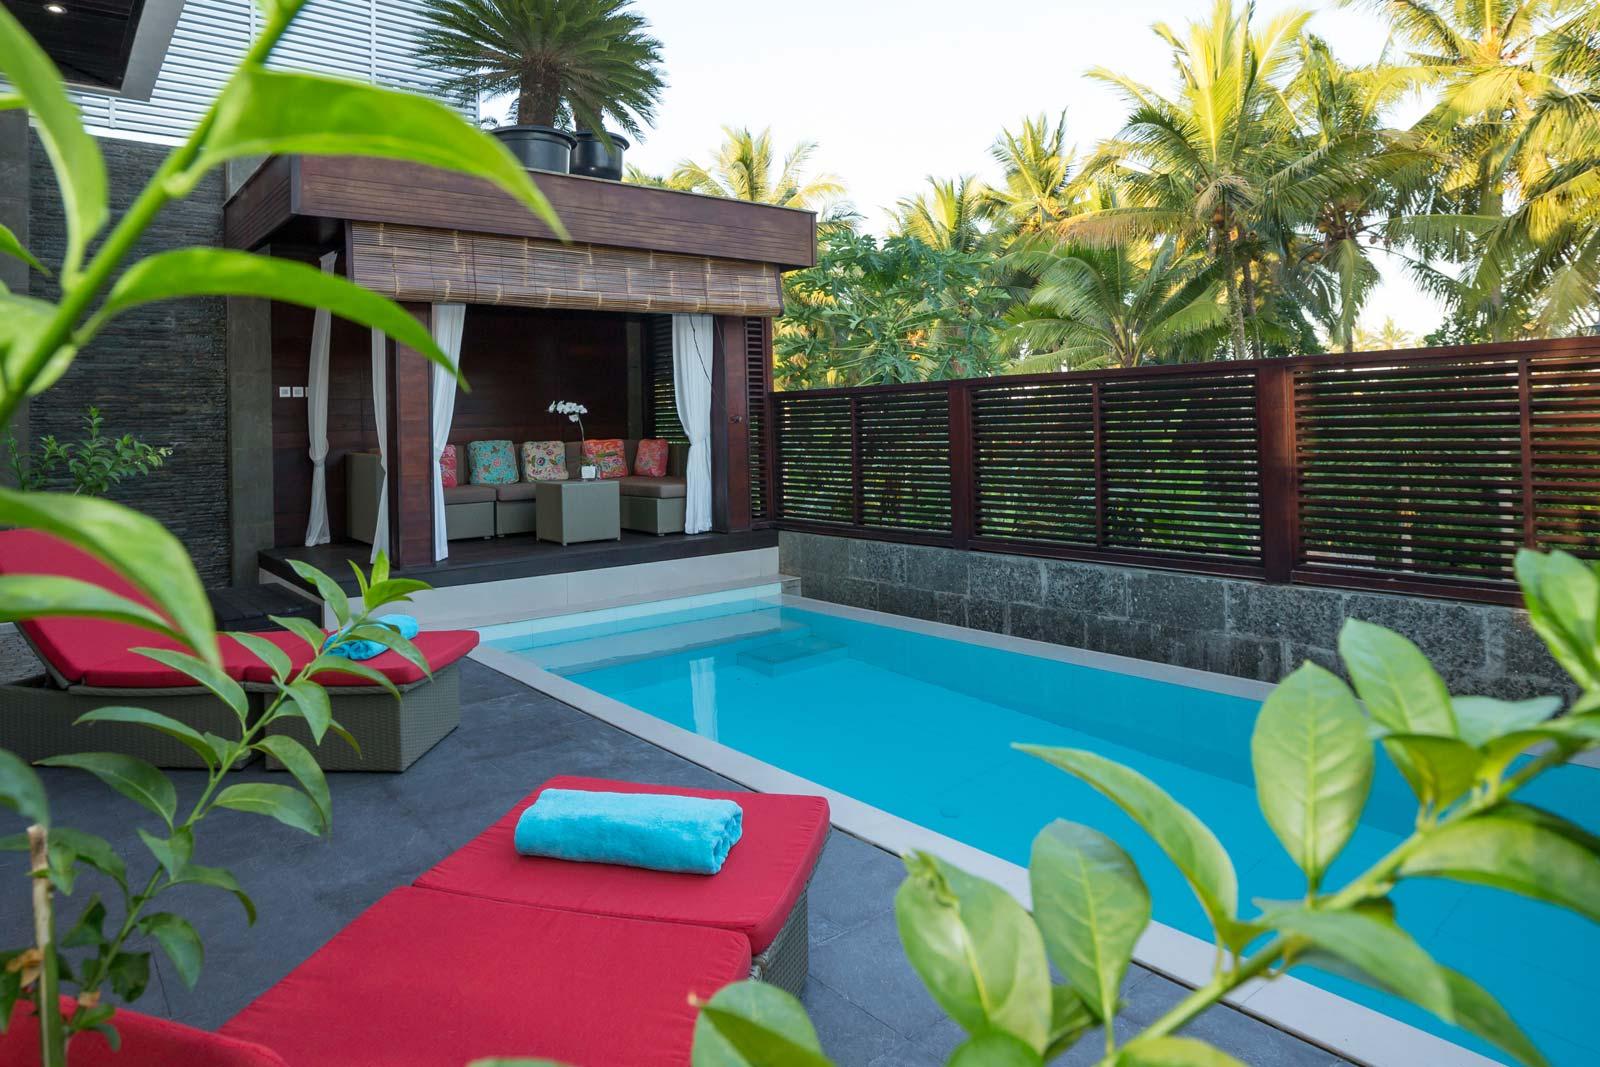 Hebergement Bali Villas De Luxe